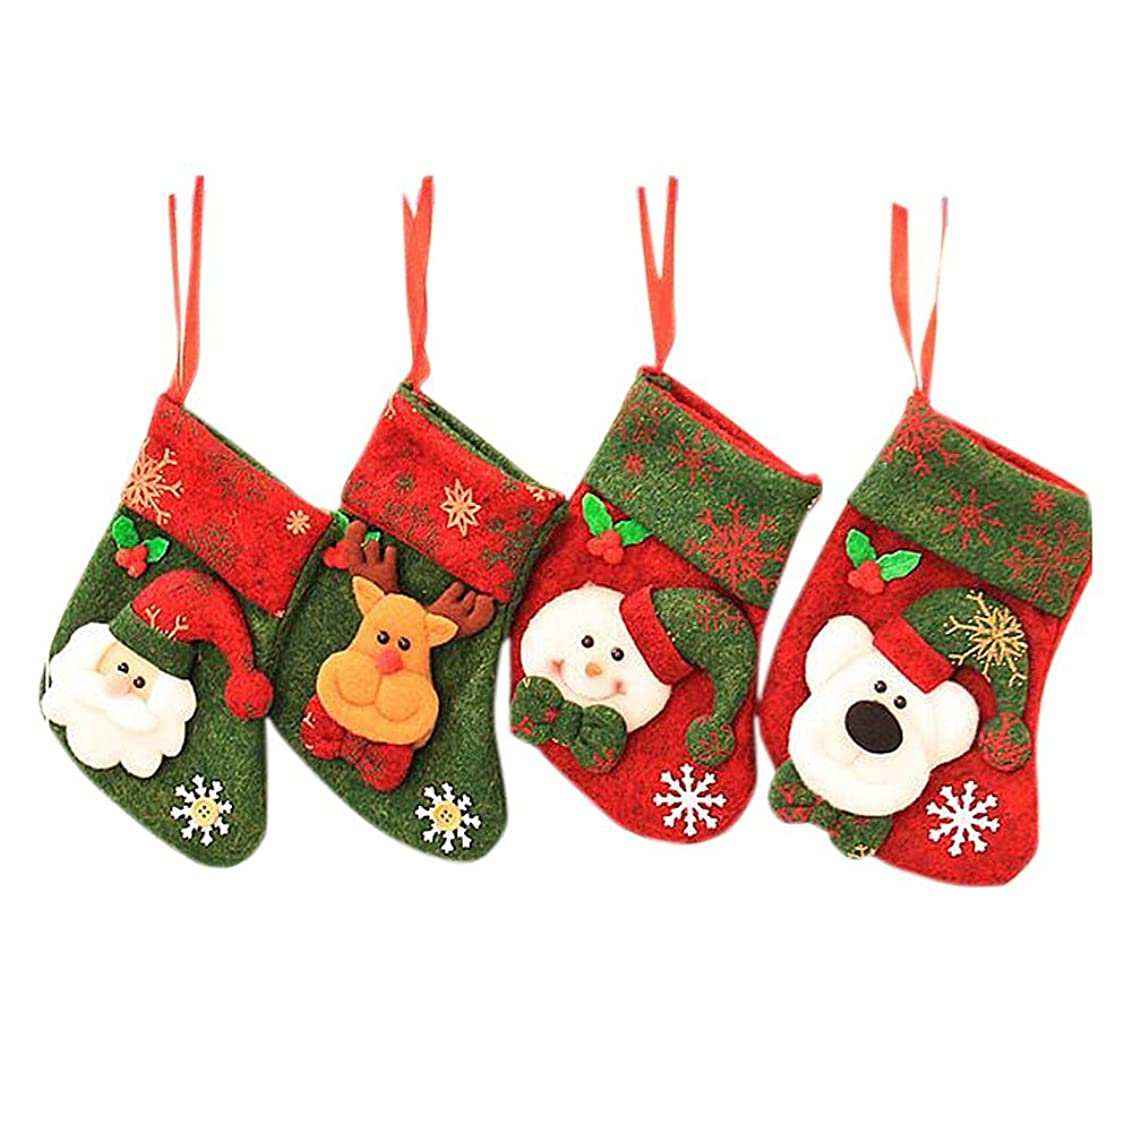 不屈ダウンタウンありがたいDRASAWEE(JP)クリスマスソックス 靴下 ギフトバッグ プレゼント 4枚セット サンタ 雪だるま トナカイ クマ 壁掛け 飾り付け B